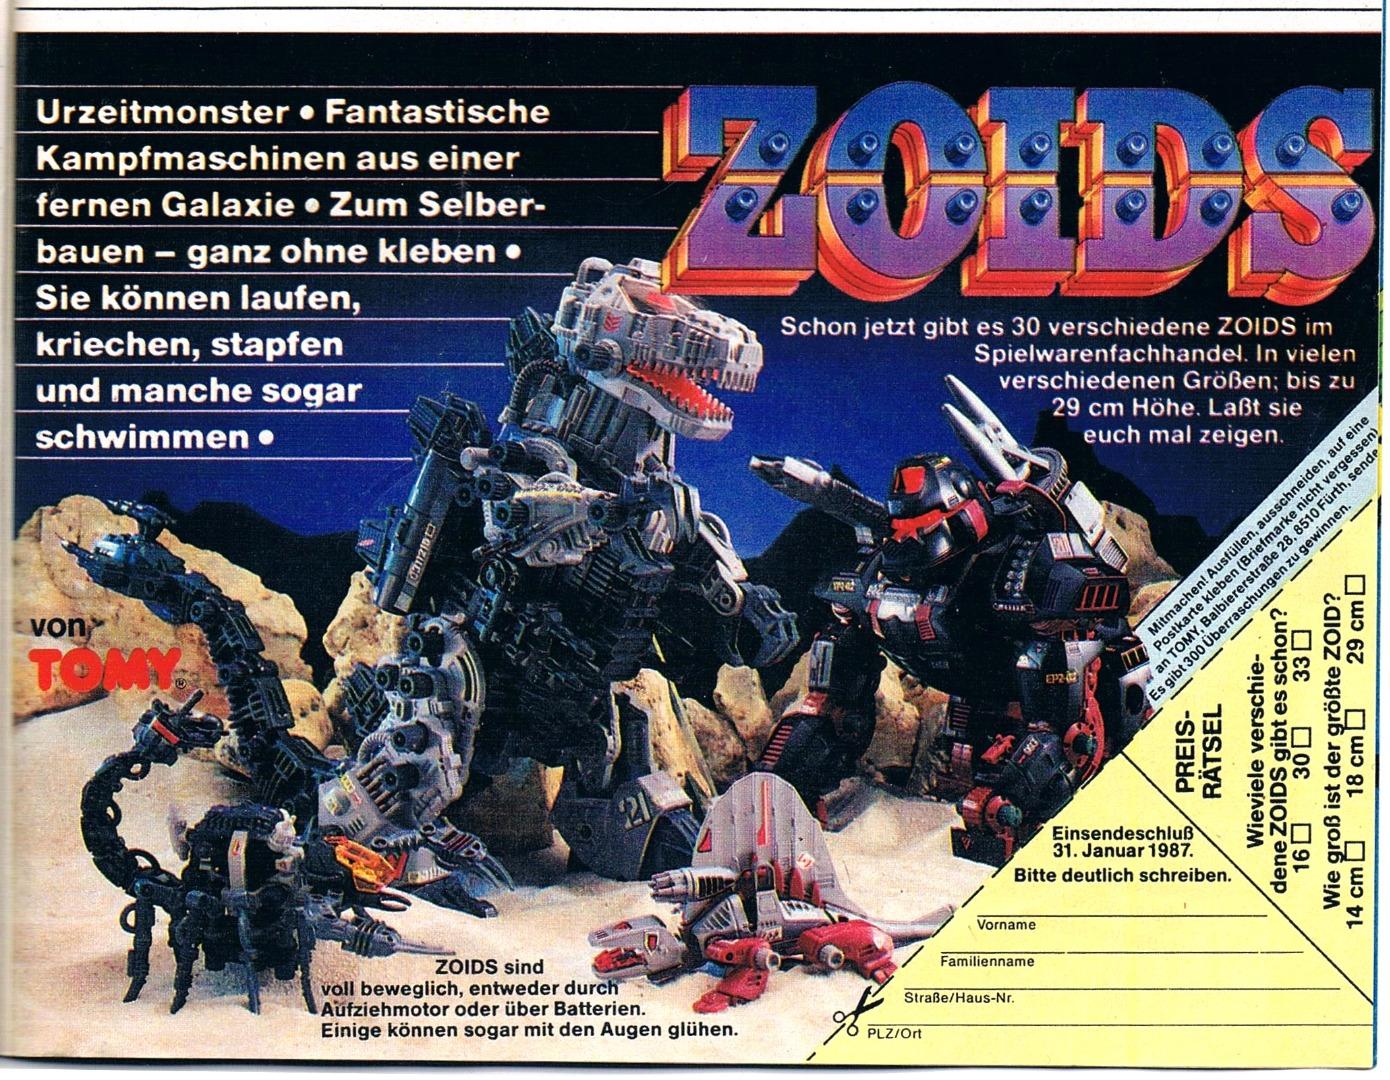 Verpackung & Werbung aus den 80ern/90ern - 17